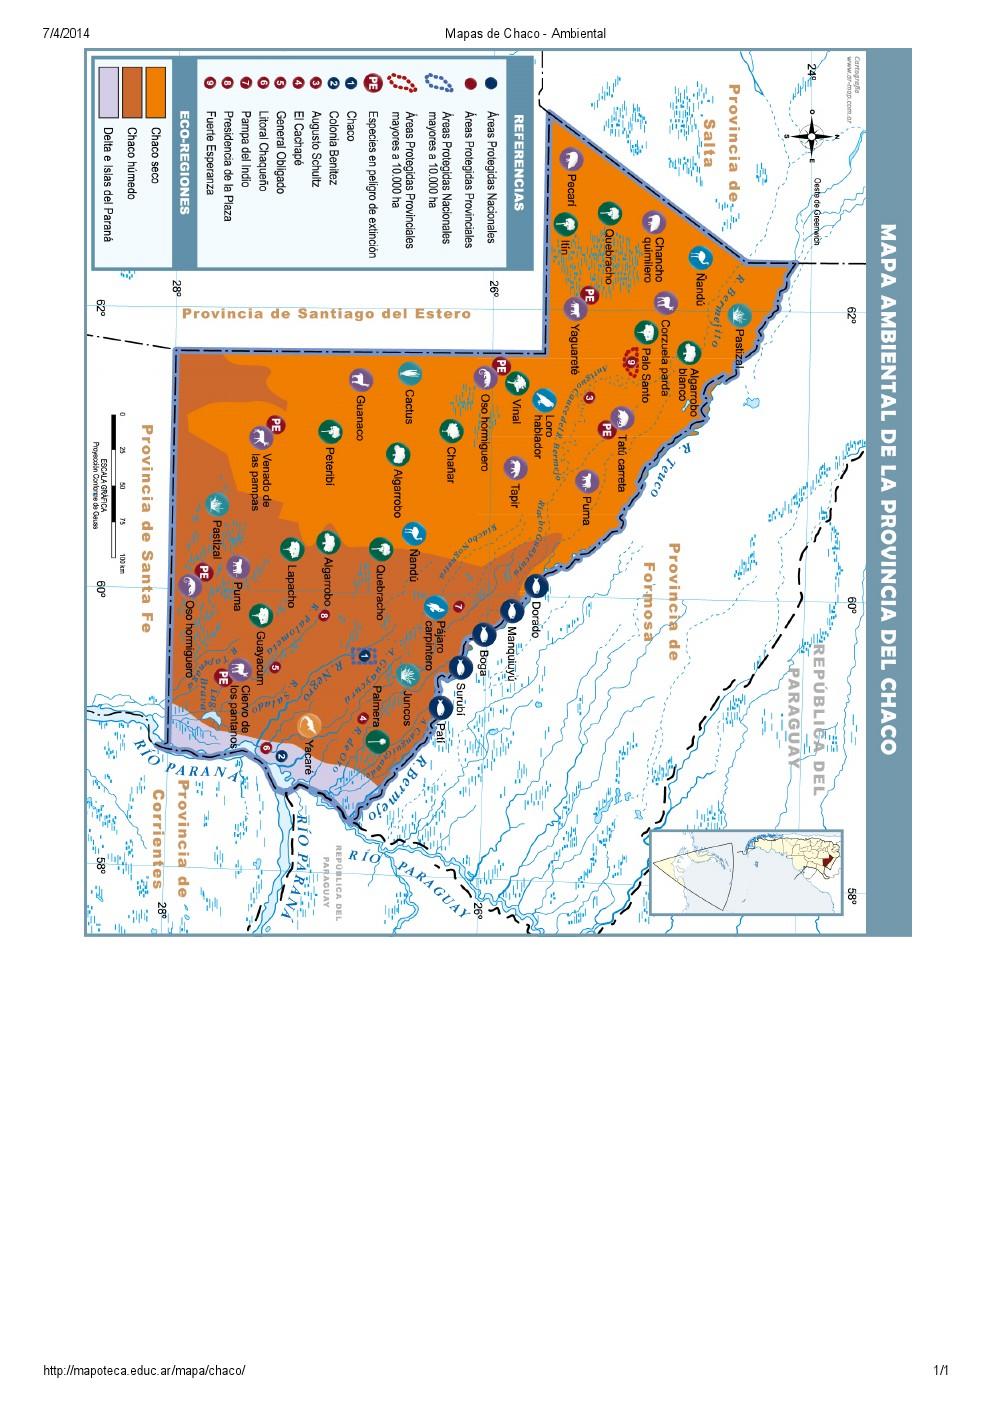 Mapa ambiental del Chaco. Mapoteca de Educ.ar